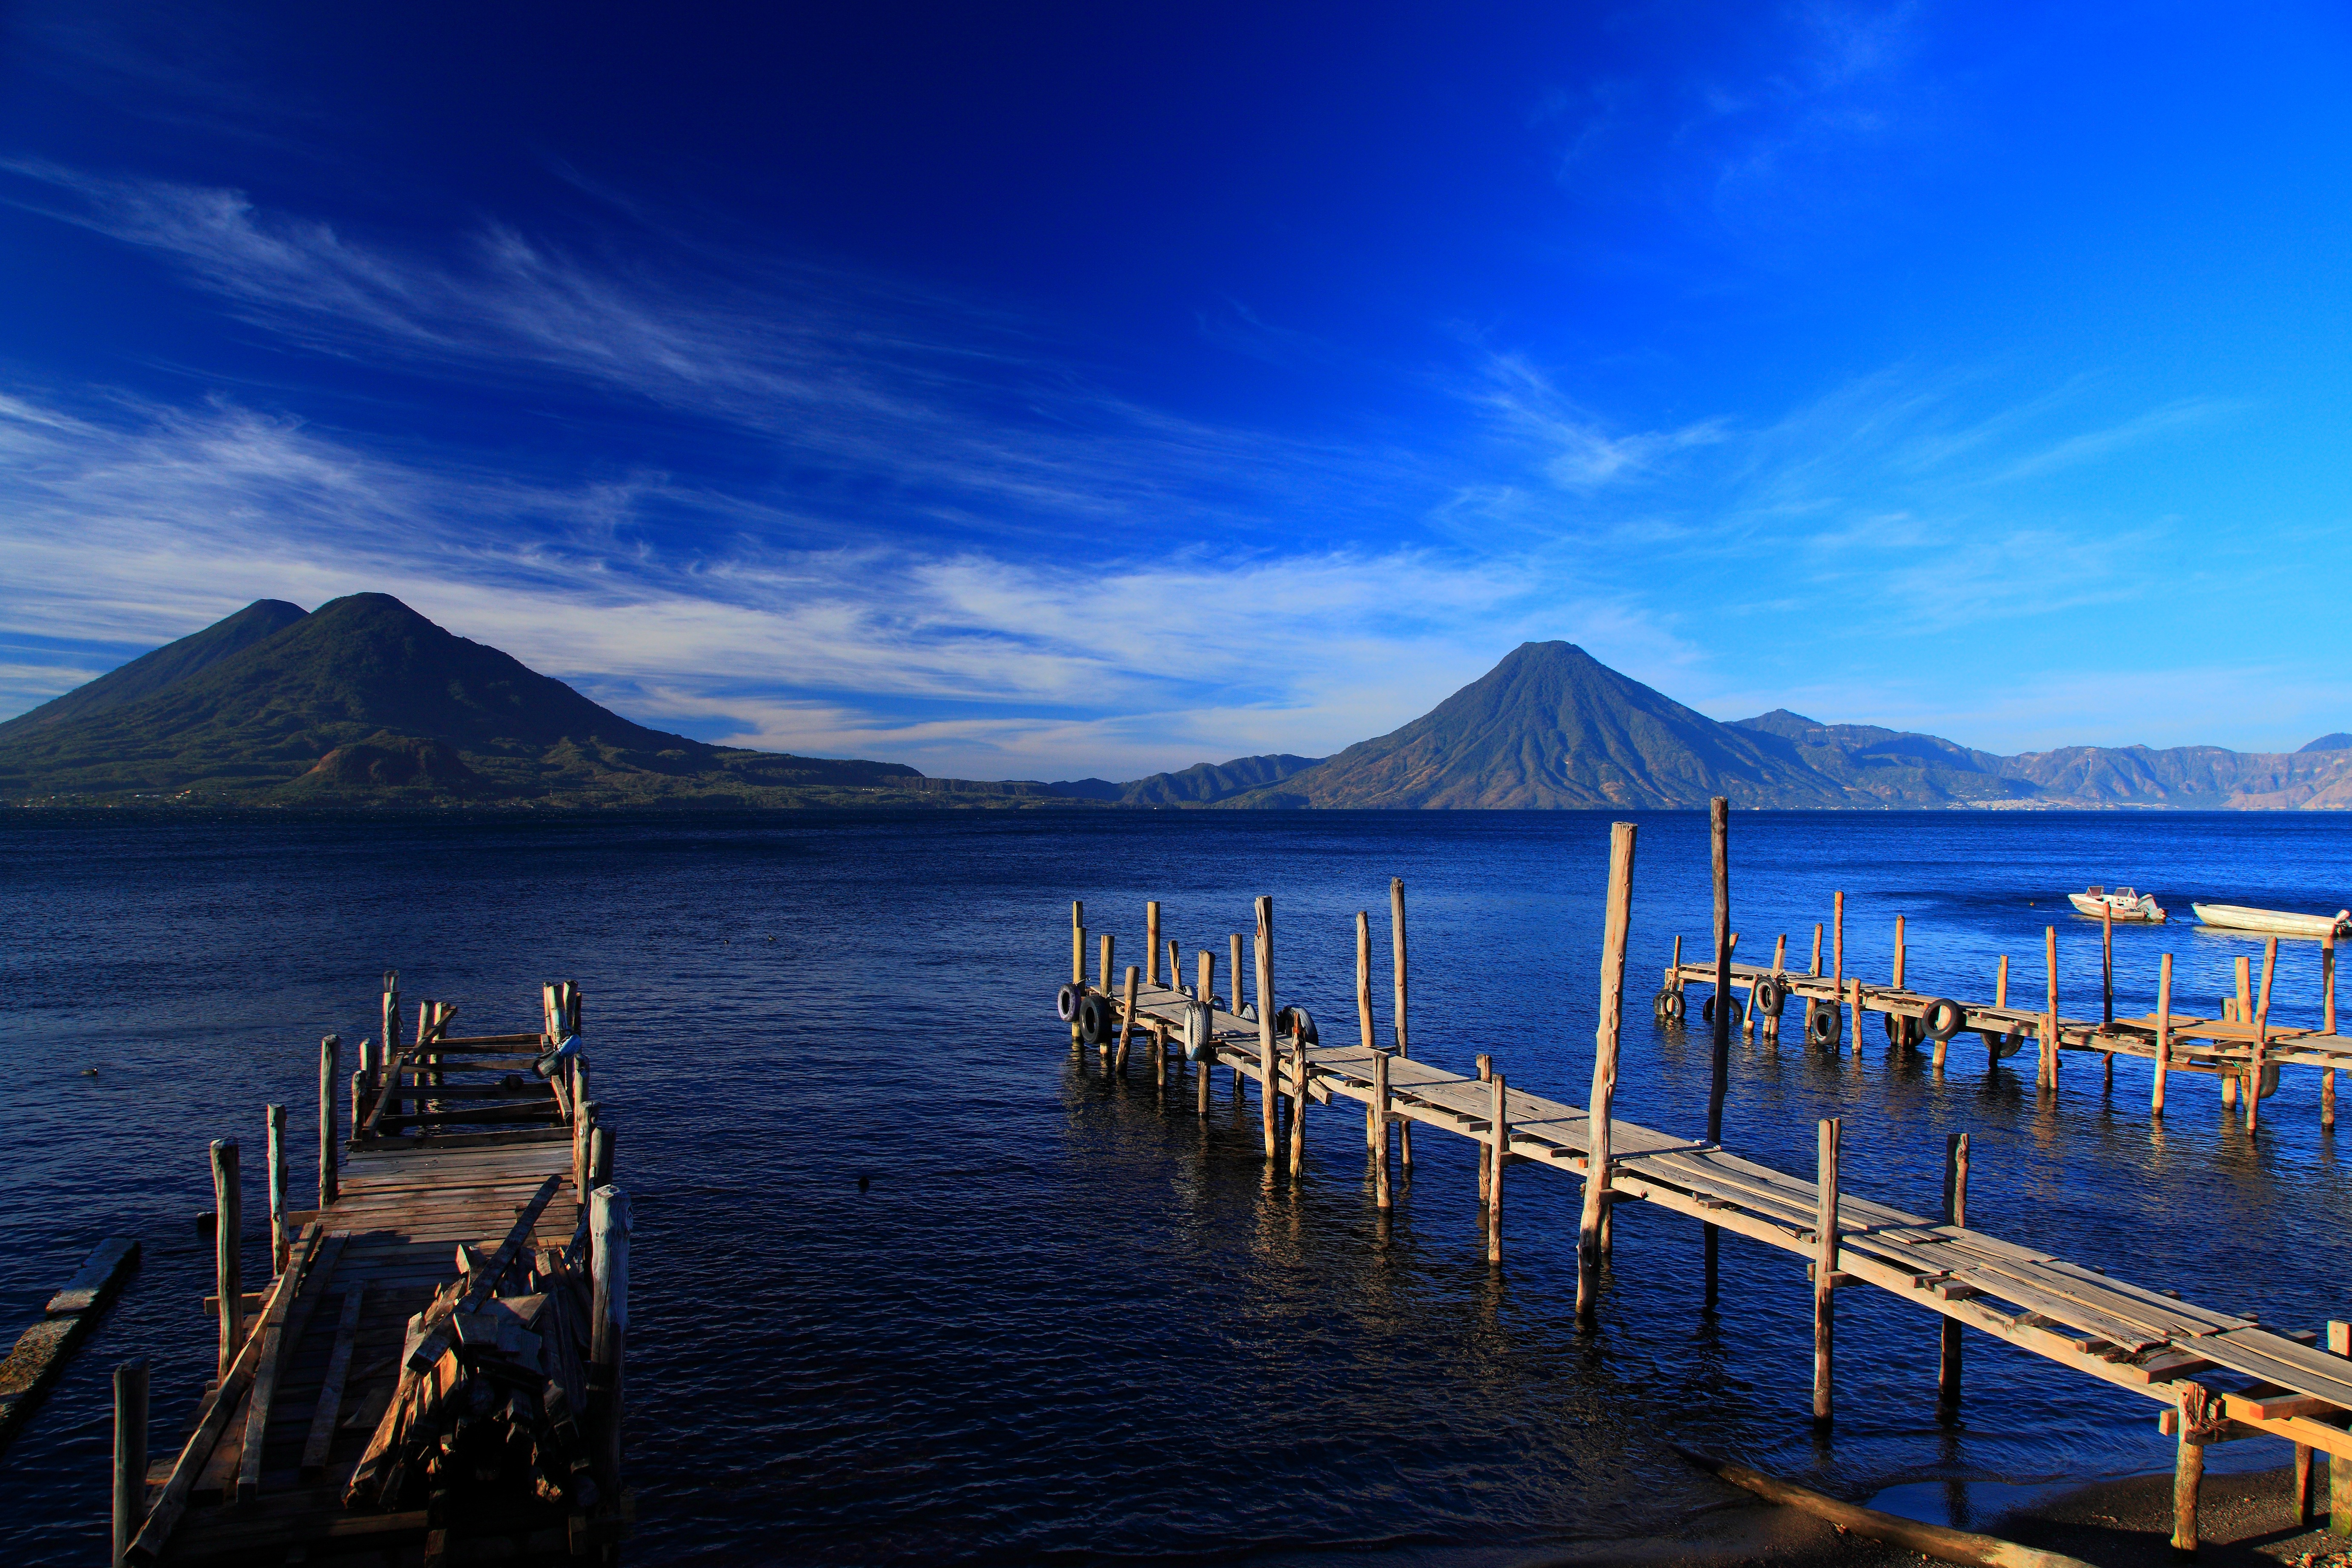 112780 papel de parede 720x1520 em seu telefone gratuitamente, baixe imagens Natureza, Montanhas, Costa, Banco, Ilha, Guatemala 720x1520 em seu celular